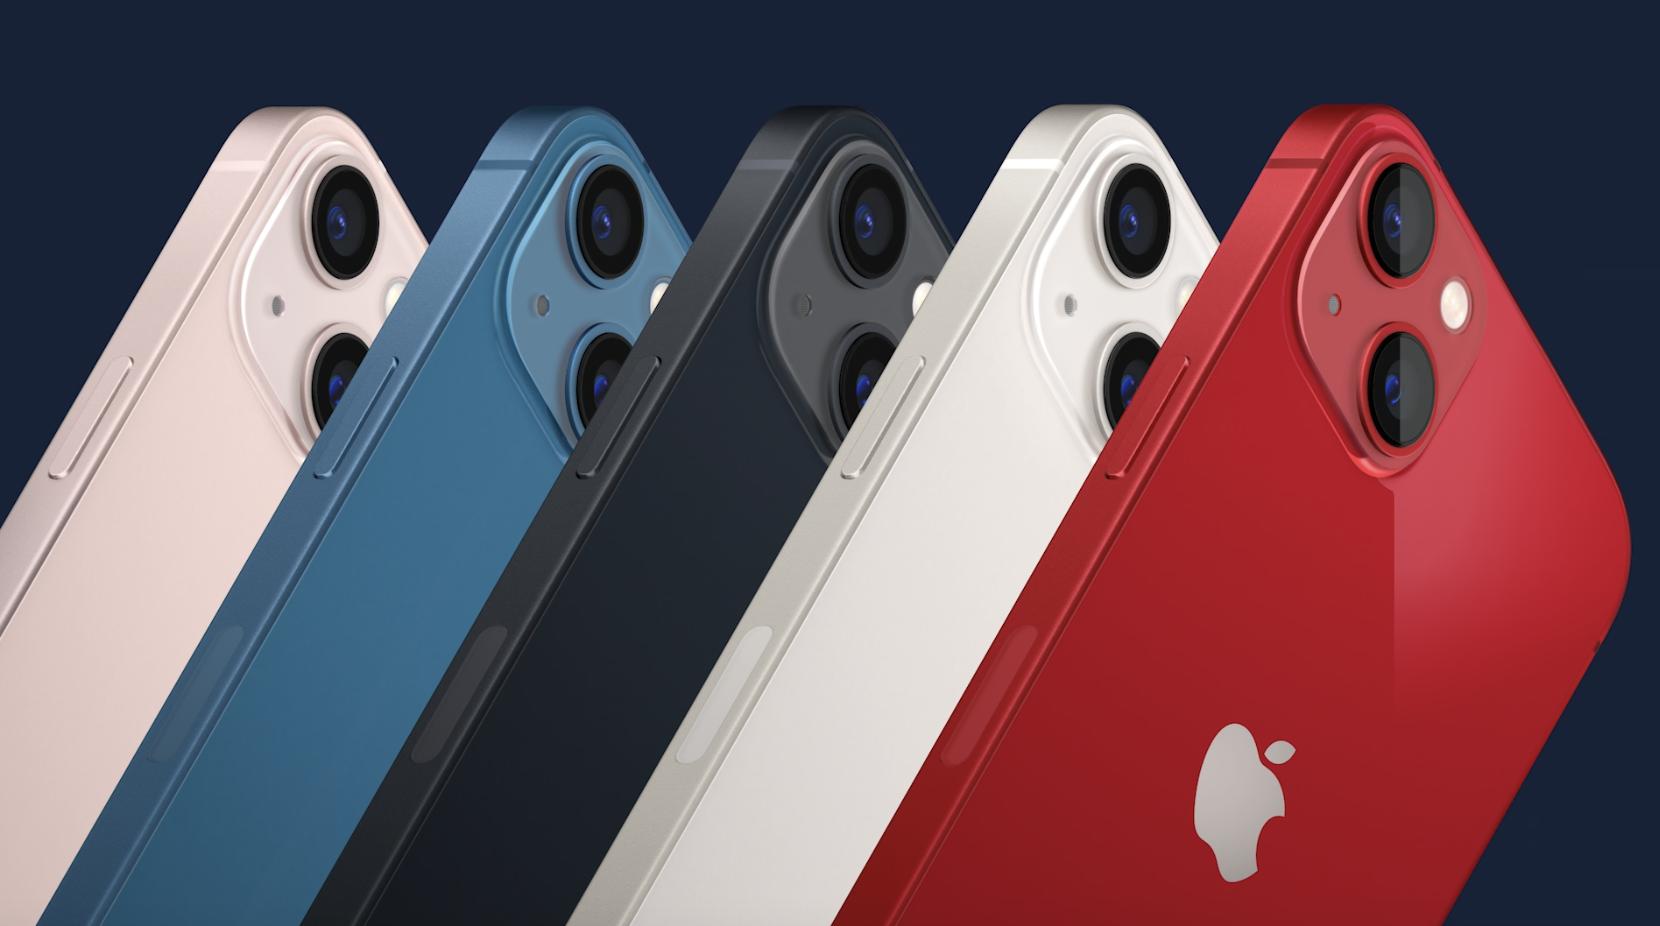 Apple ra mắt iPhone 13 với pin dài cả ngày, camera mới - Ảnh 1.